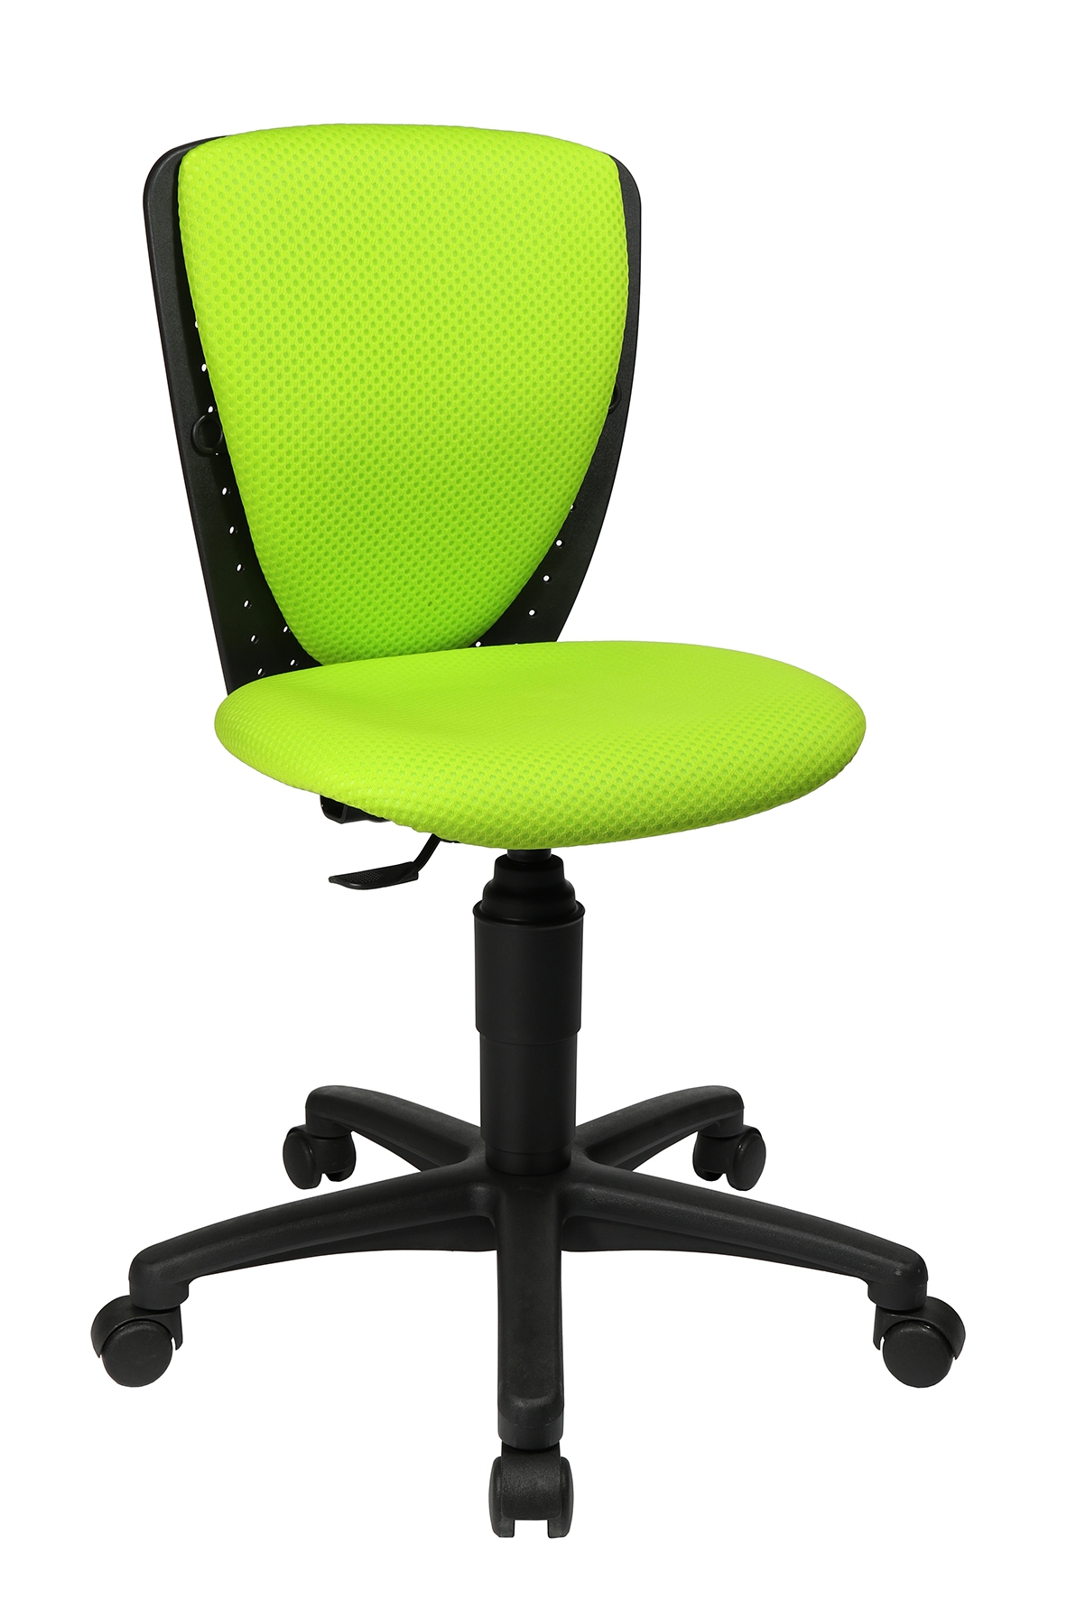 Kinderstuhl Drehstuhl High S`Cool Grün von Top Star Kinderschreibtischstuhl